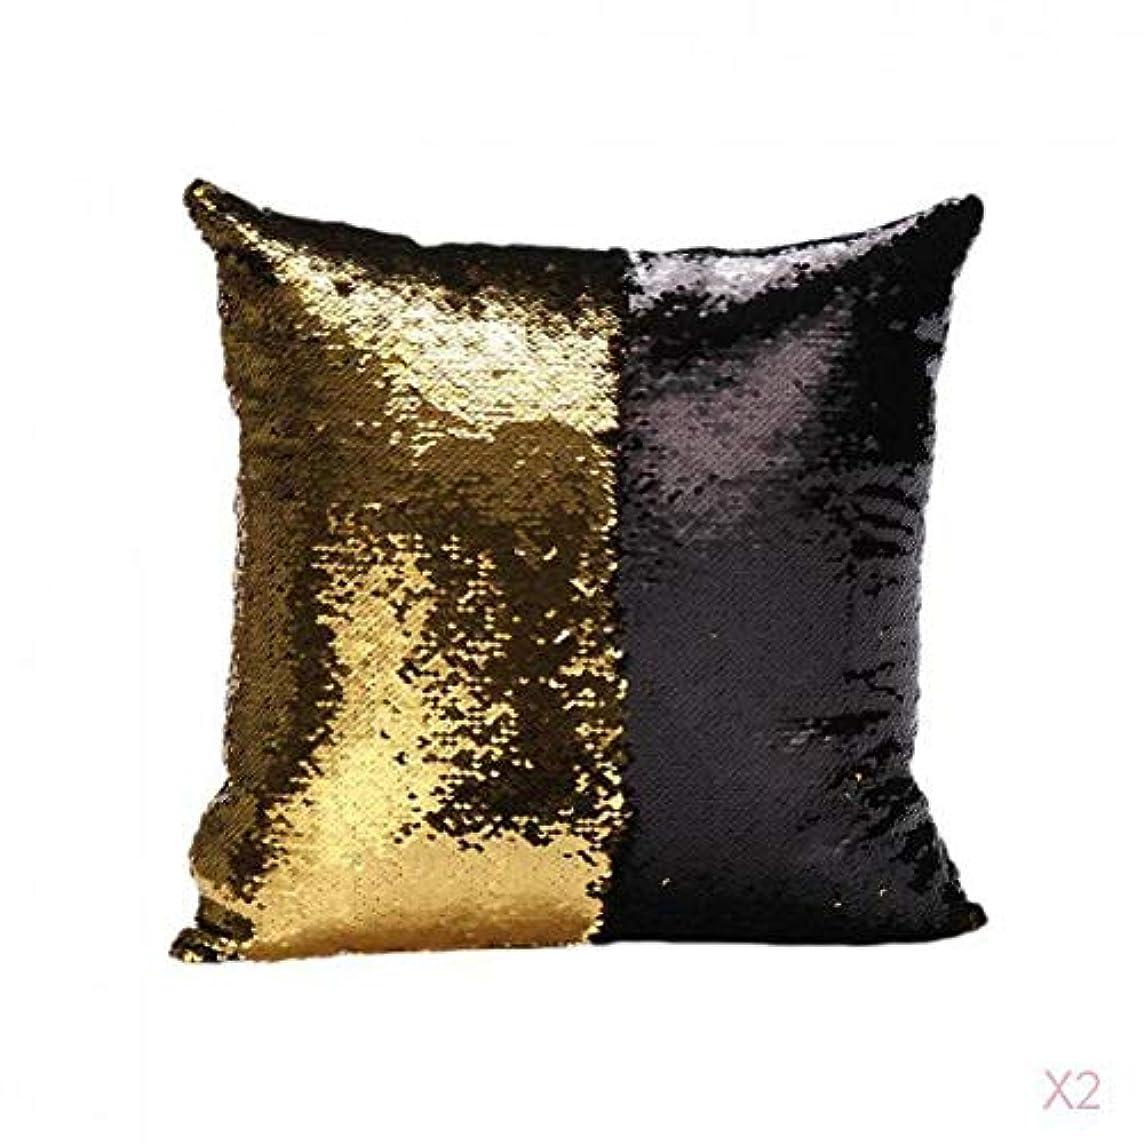 トーク知覚する魅力的可逆スエードスパンコールソファ腰クッションカバーベッドの枕カバースリップ黒